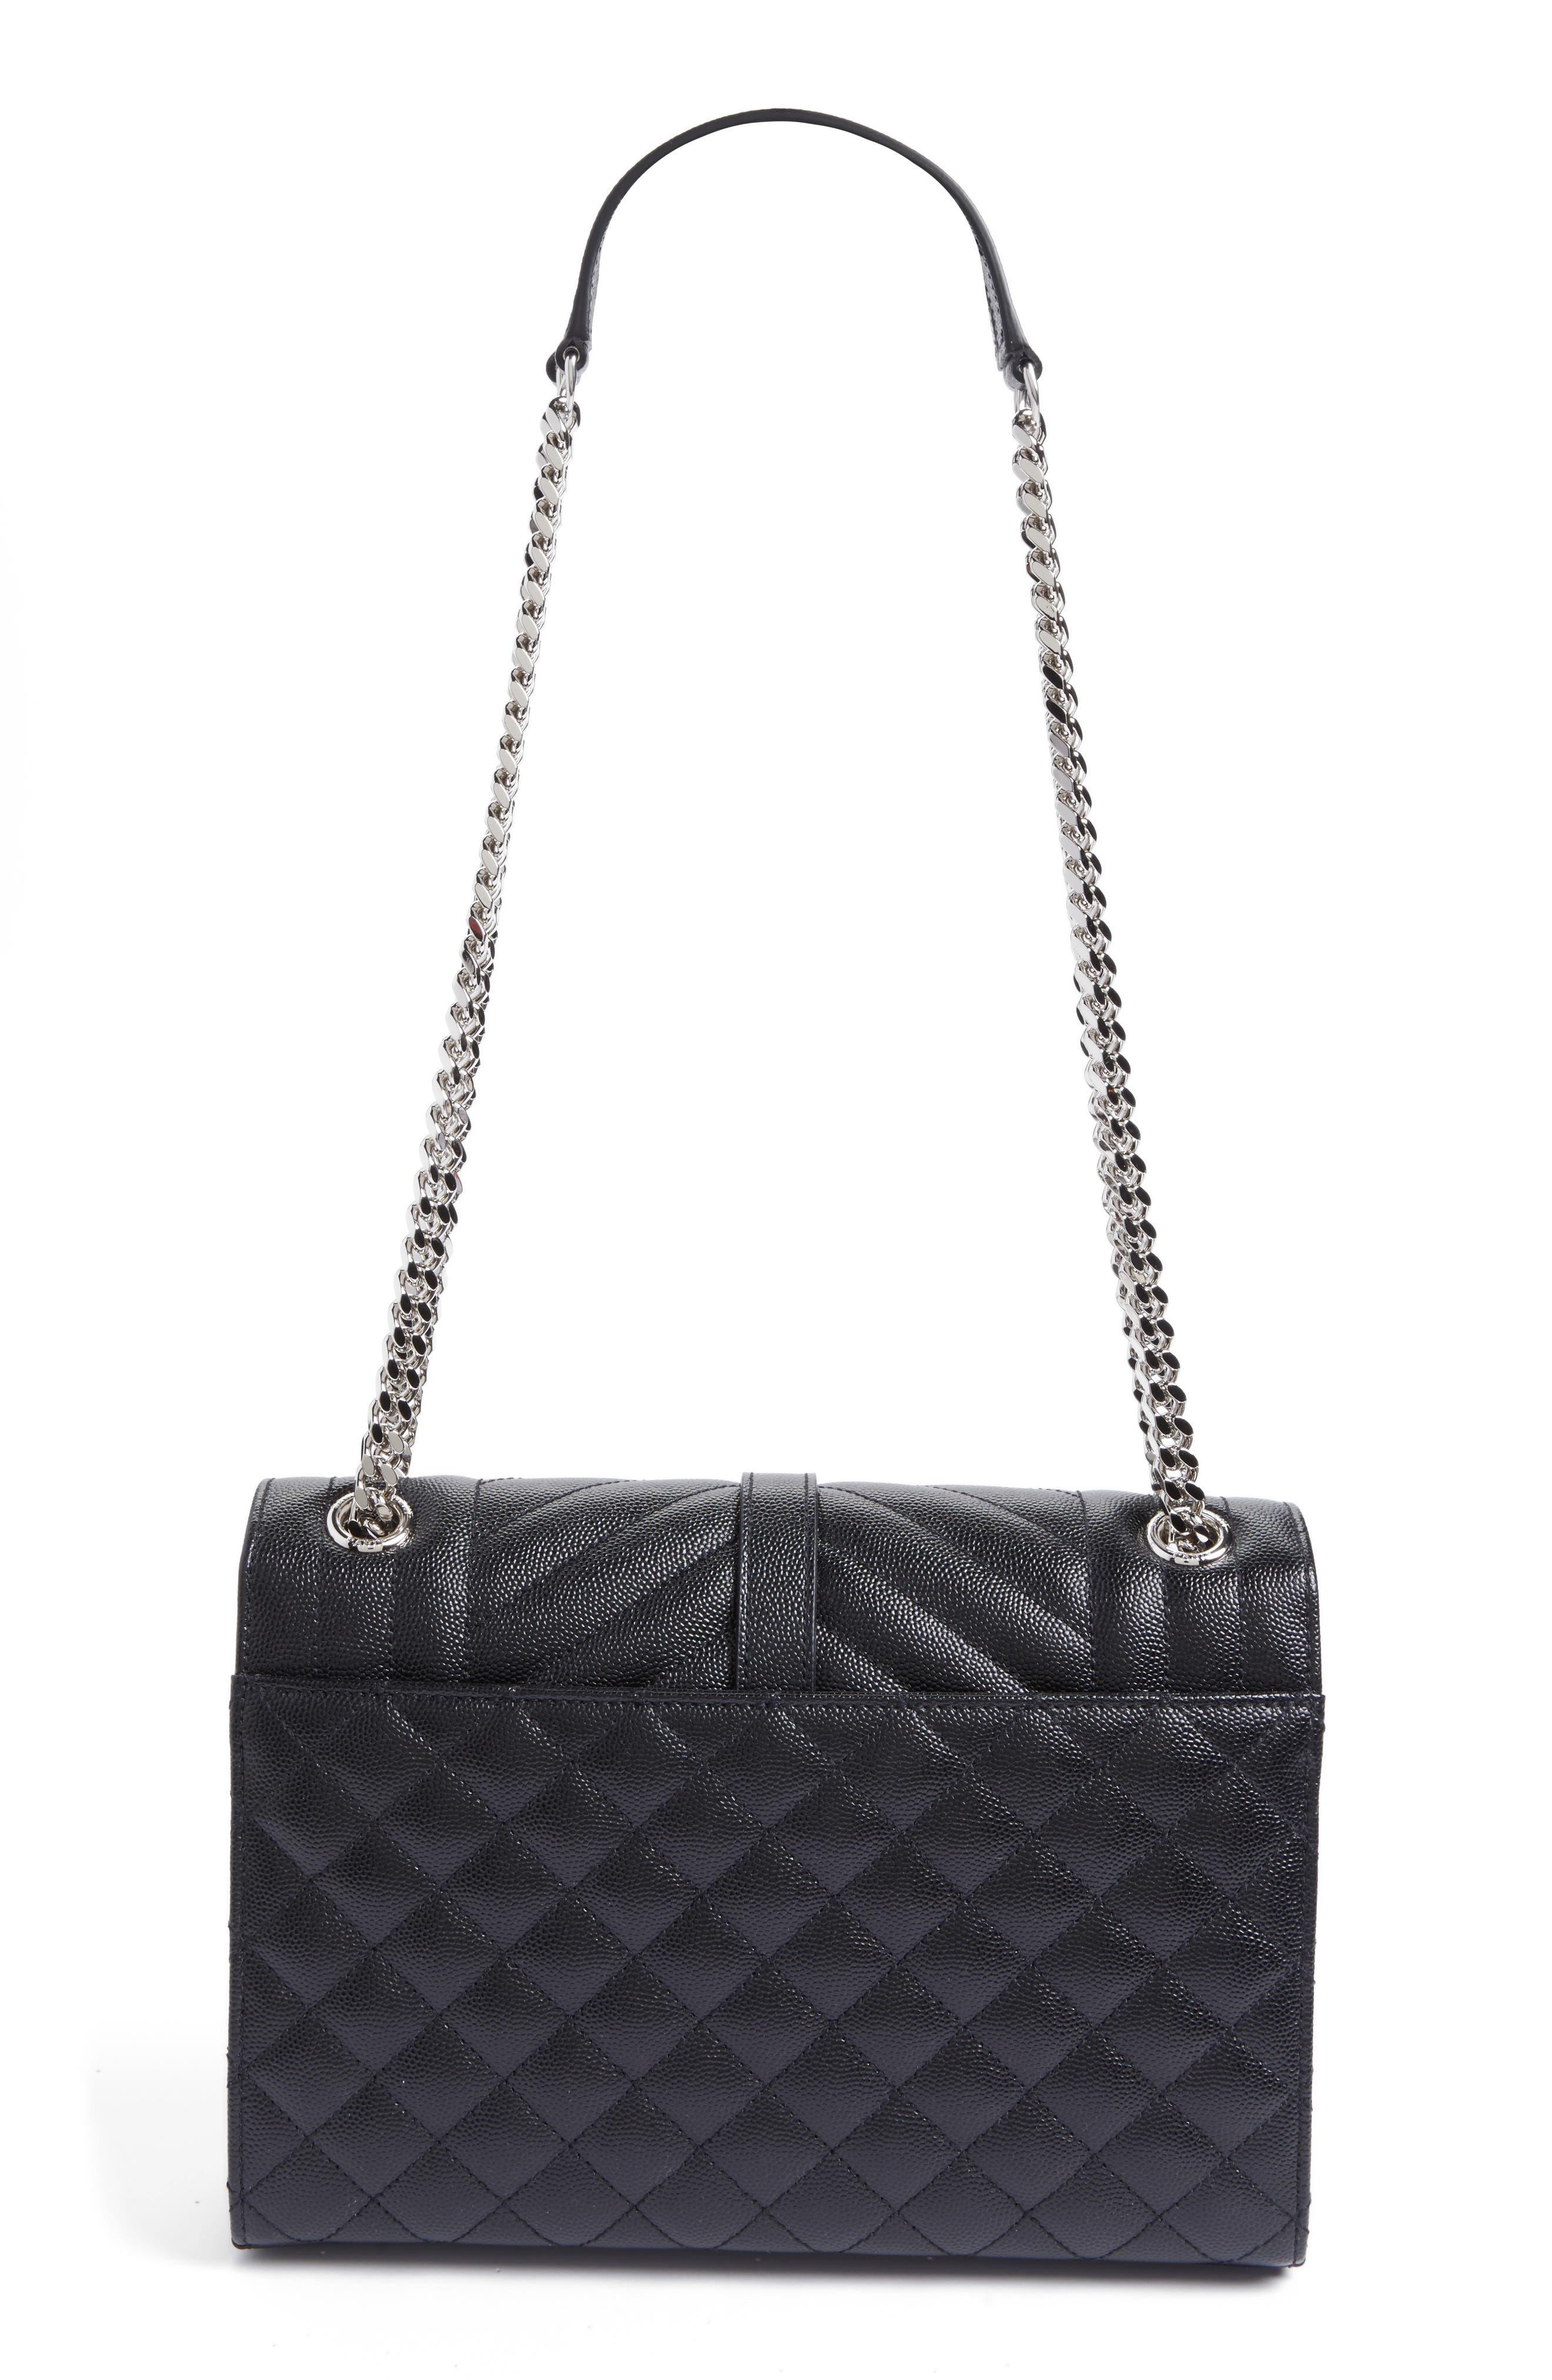 8b029f4934 Women s Designer Handbags   Wallets